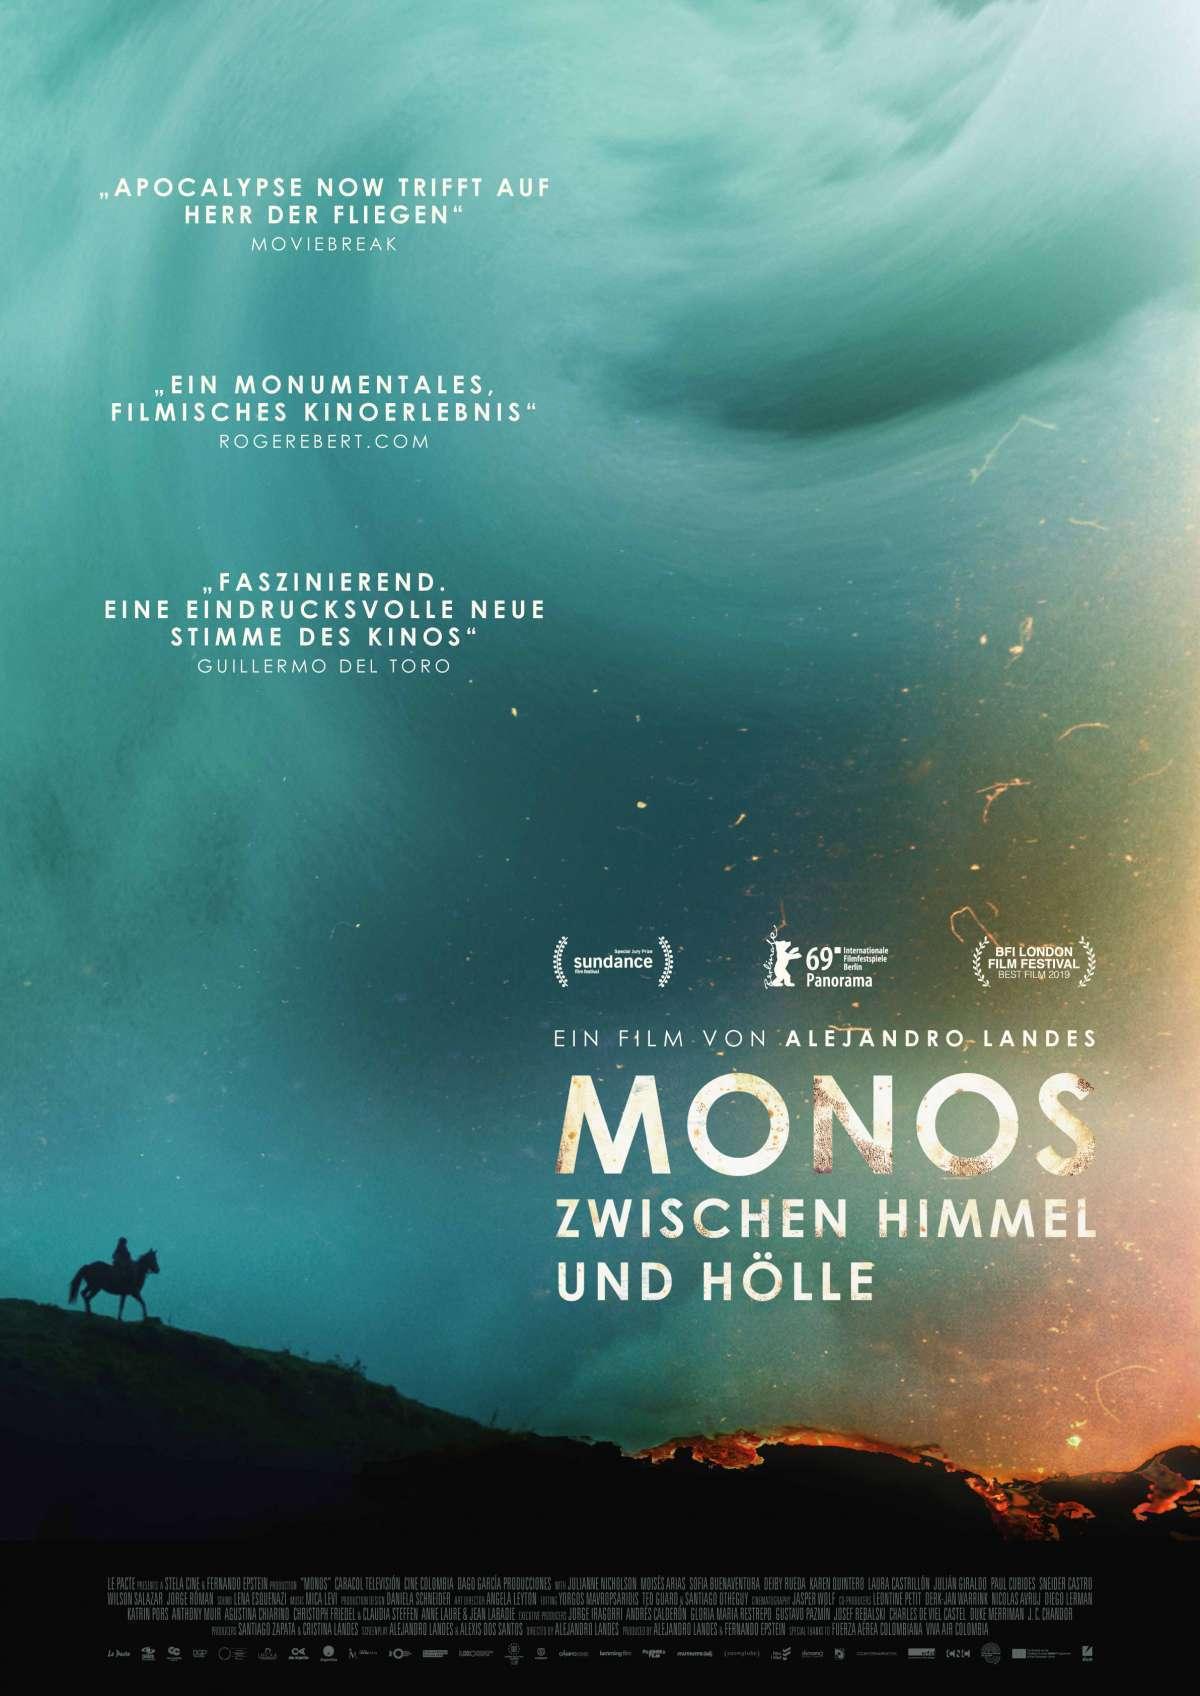 Monos - Zwischen Himmel und Hölle - Filmladen - Kassel